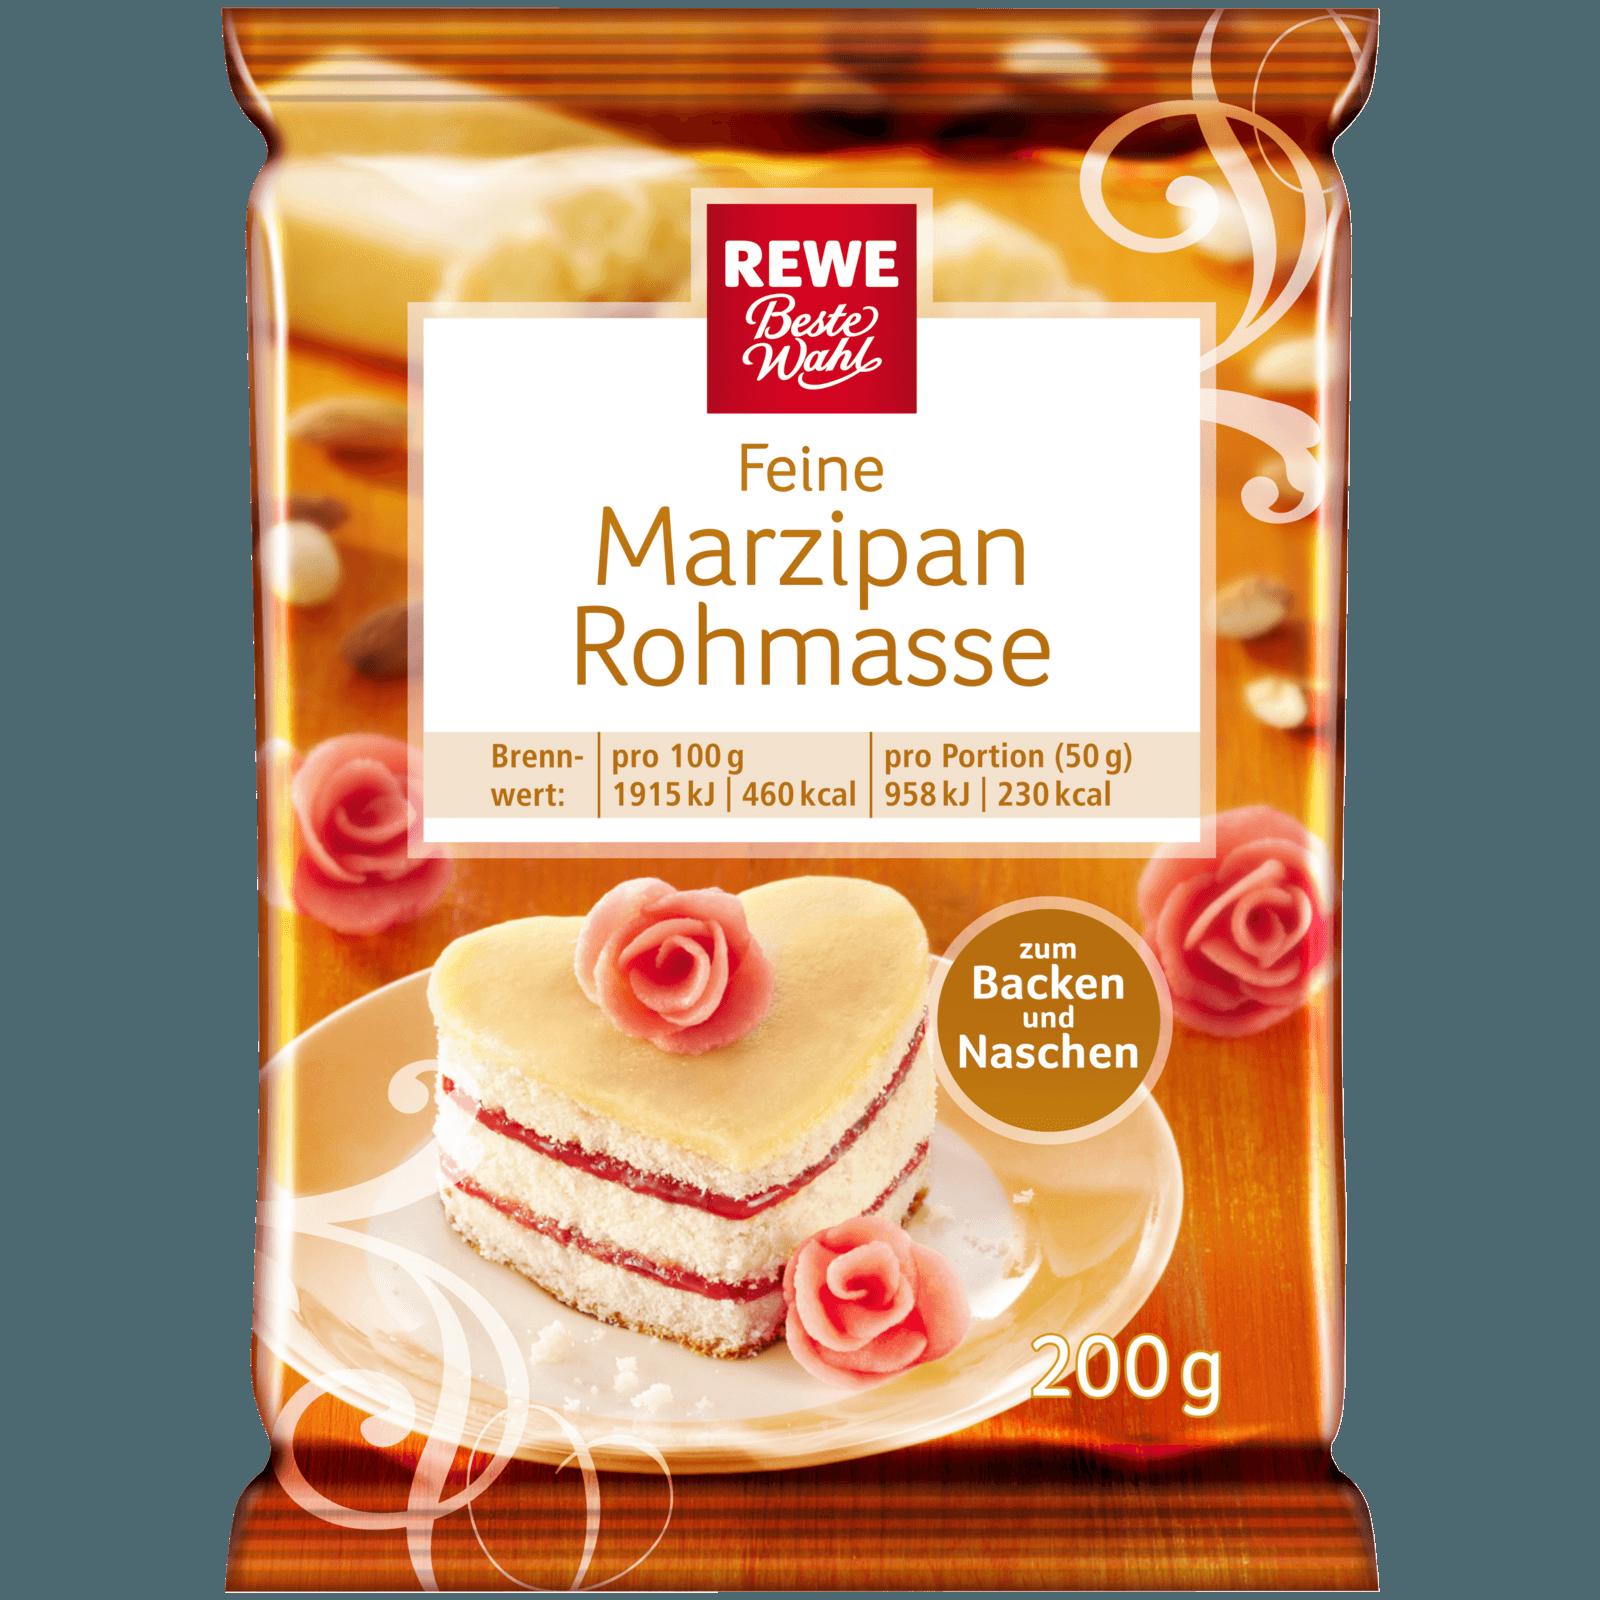 Vegan Einkaufen Bei Rewe Kaffee Cupcakes